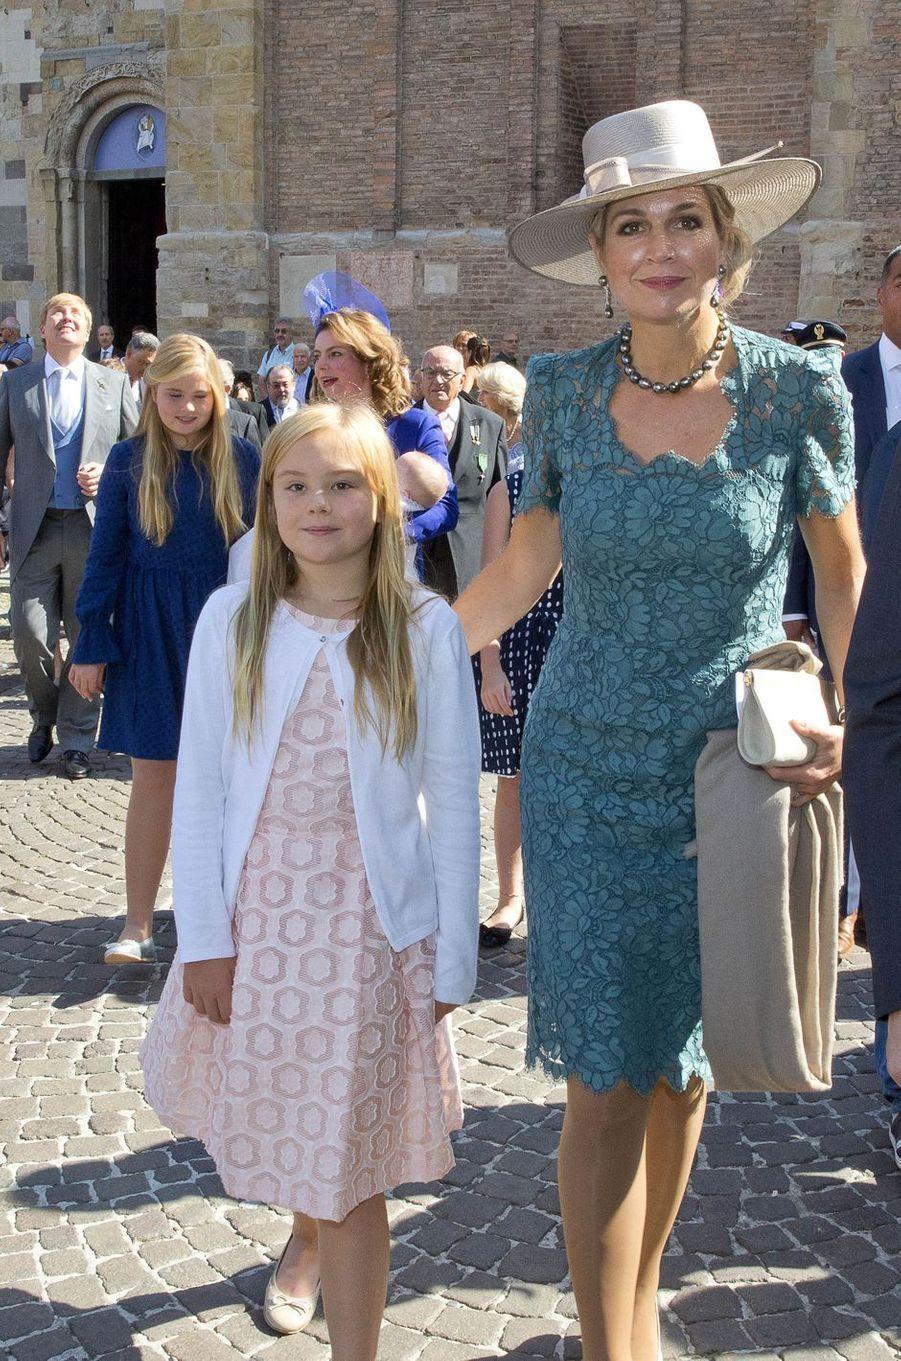 La reine Maxima des Pays-Bas avec le roi Willem-Alexander et leurs filles à Parme en Italie, le 25 septembre 2016